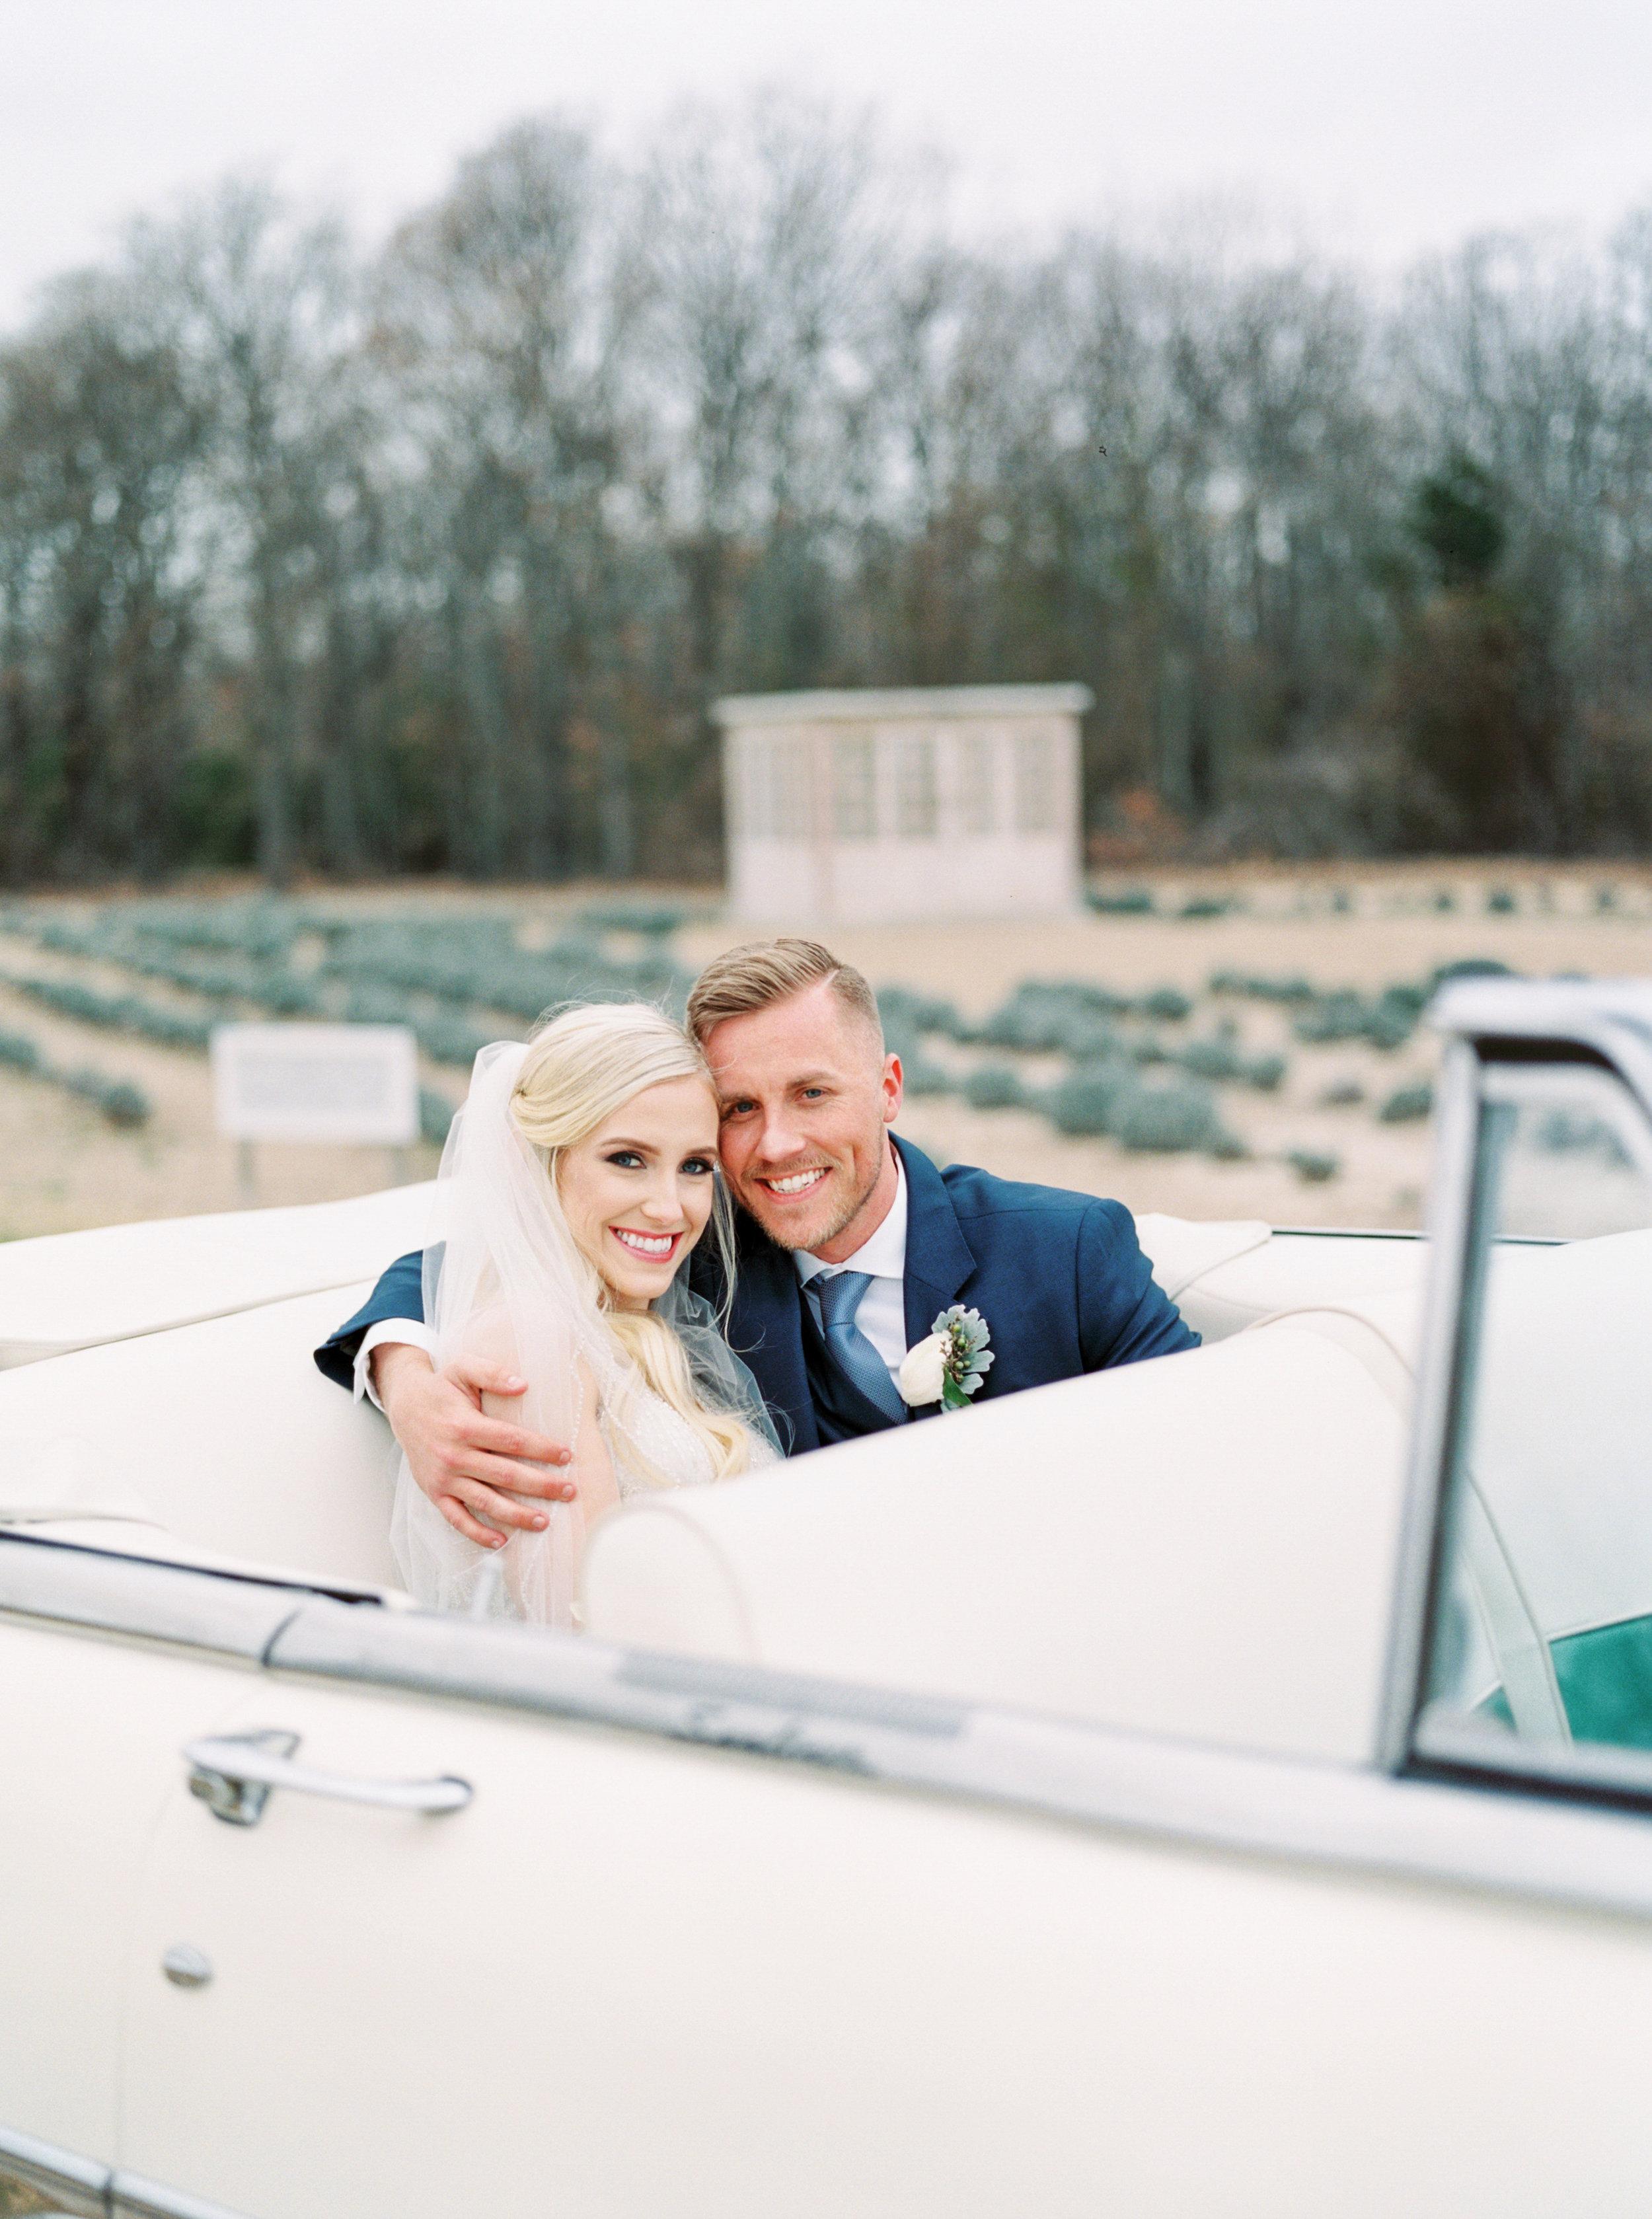 Chloe+Austin Wedding_650 copy.JPG